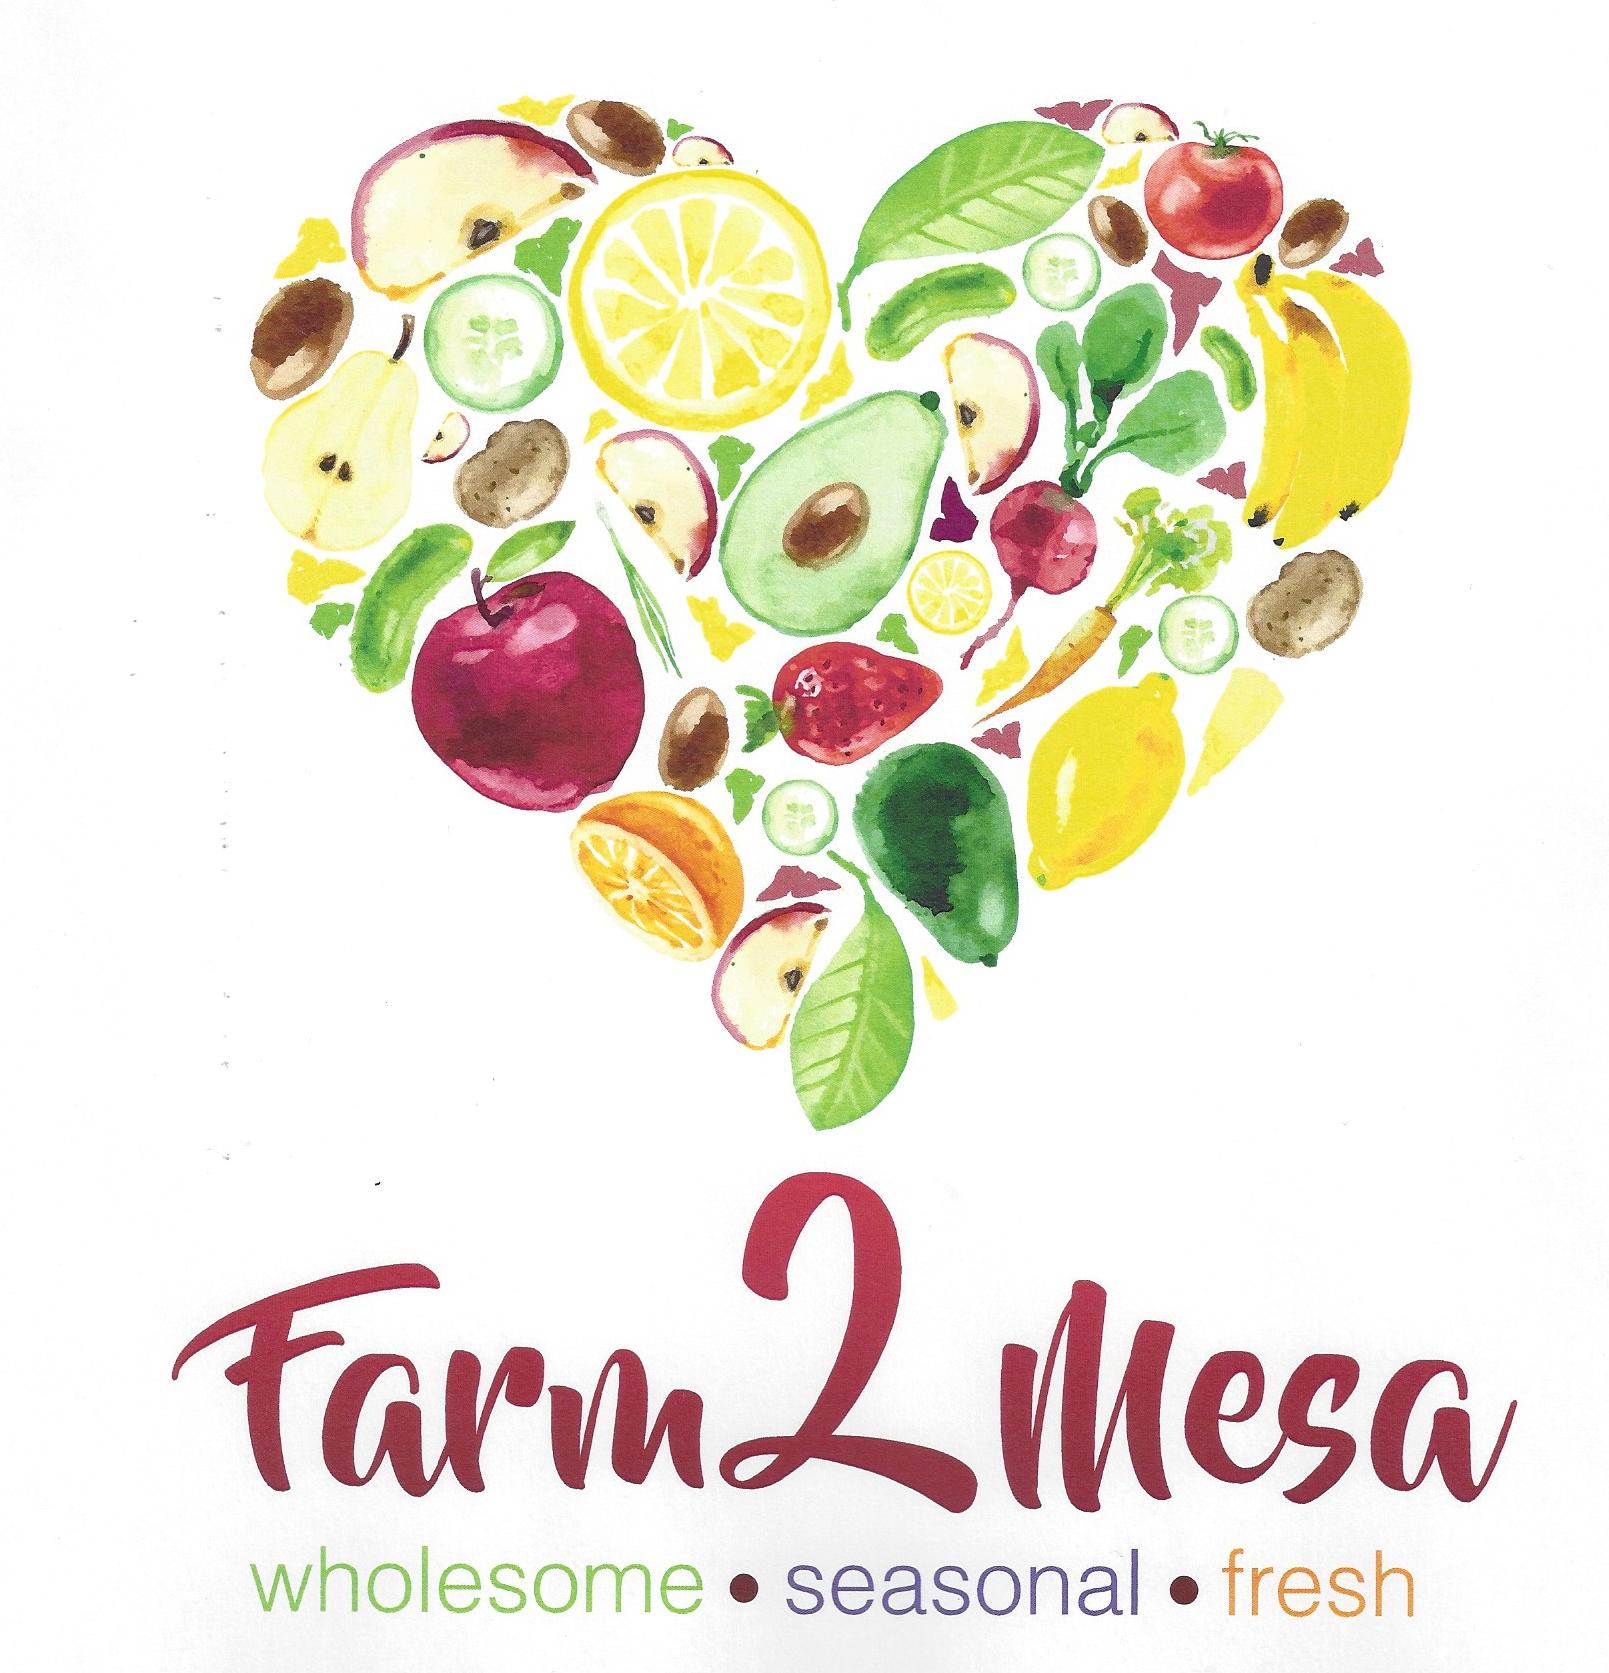 Farm 2 Mesa